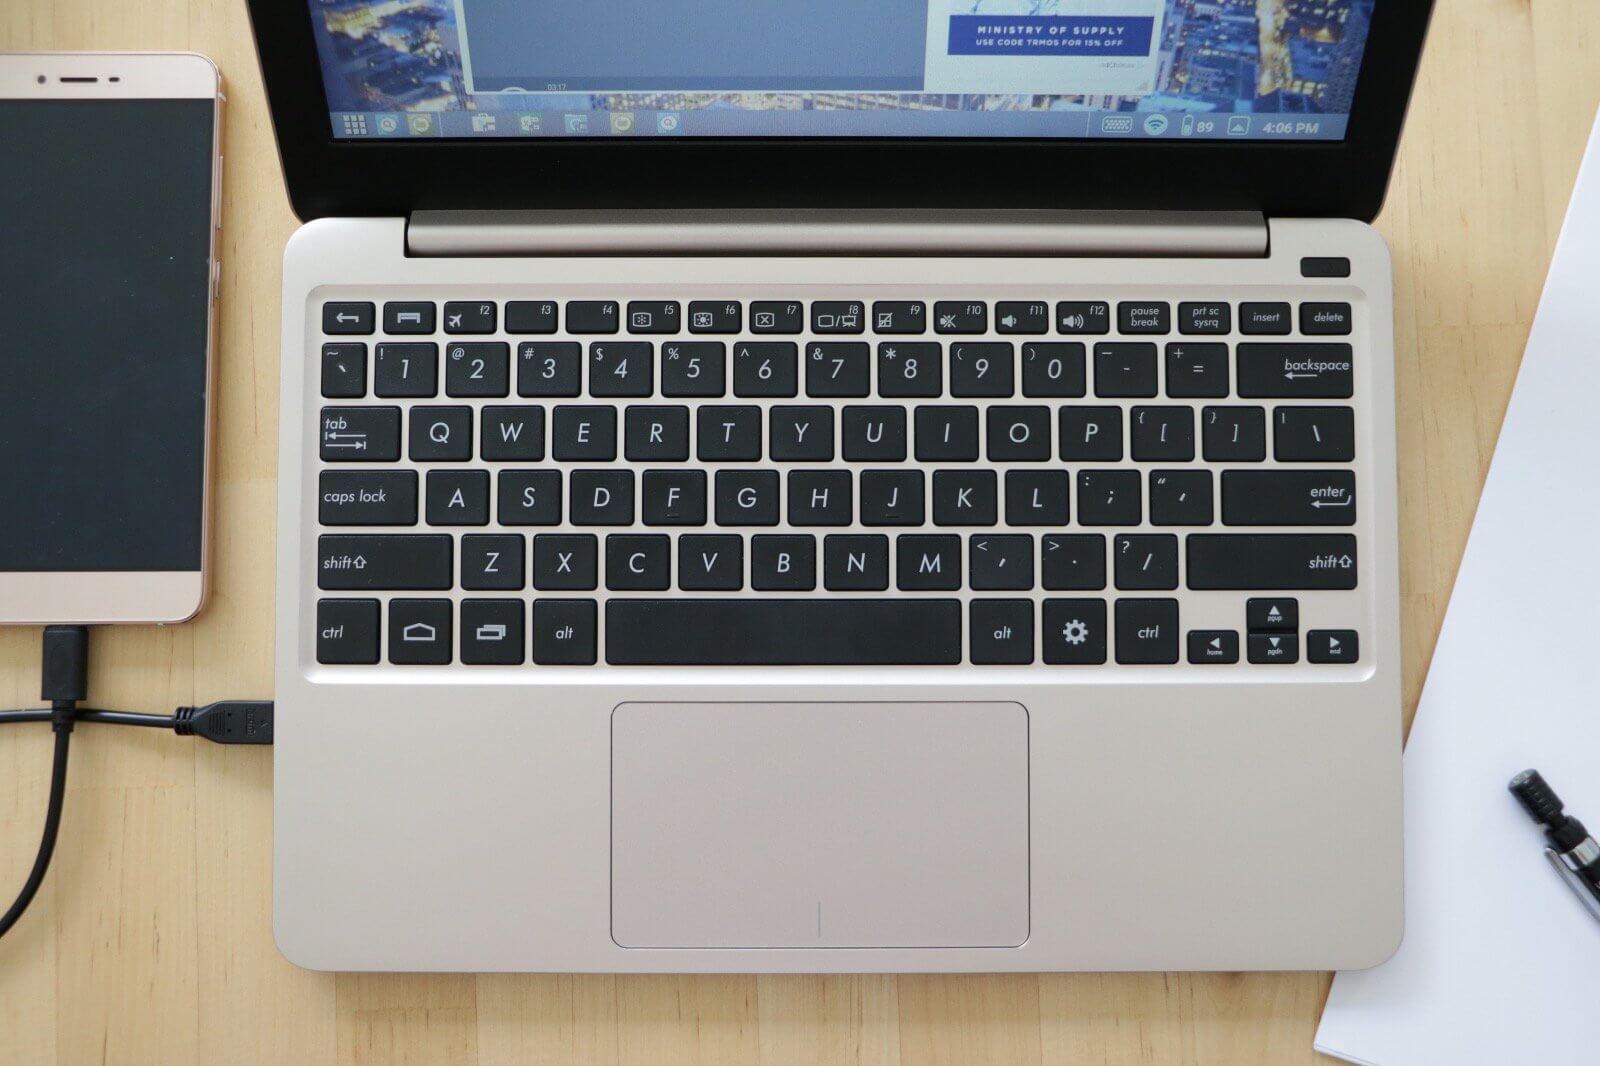 The Superbook - смартфон-андроид и полноценный ноутбук в одном